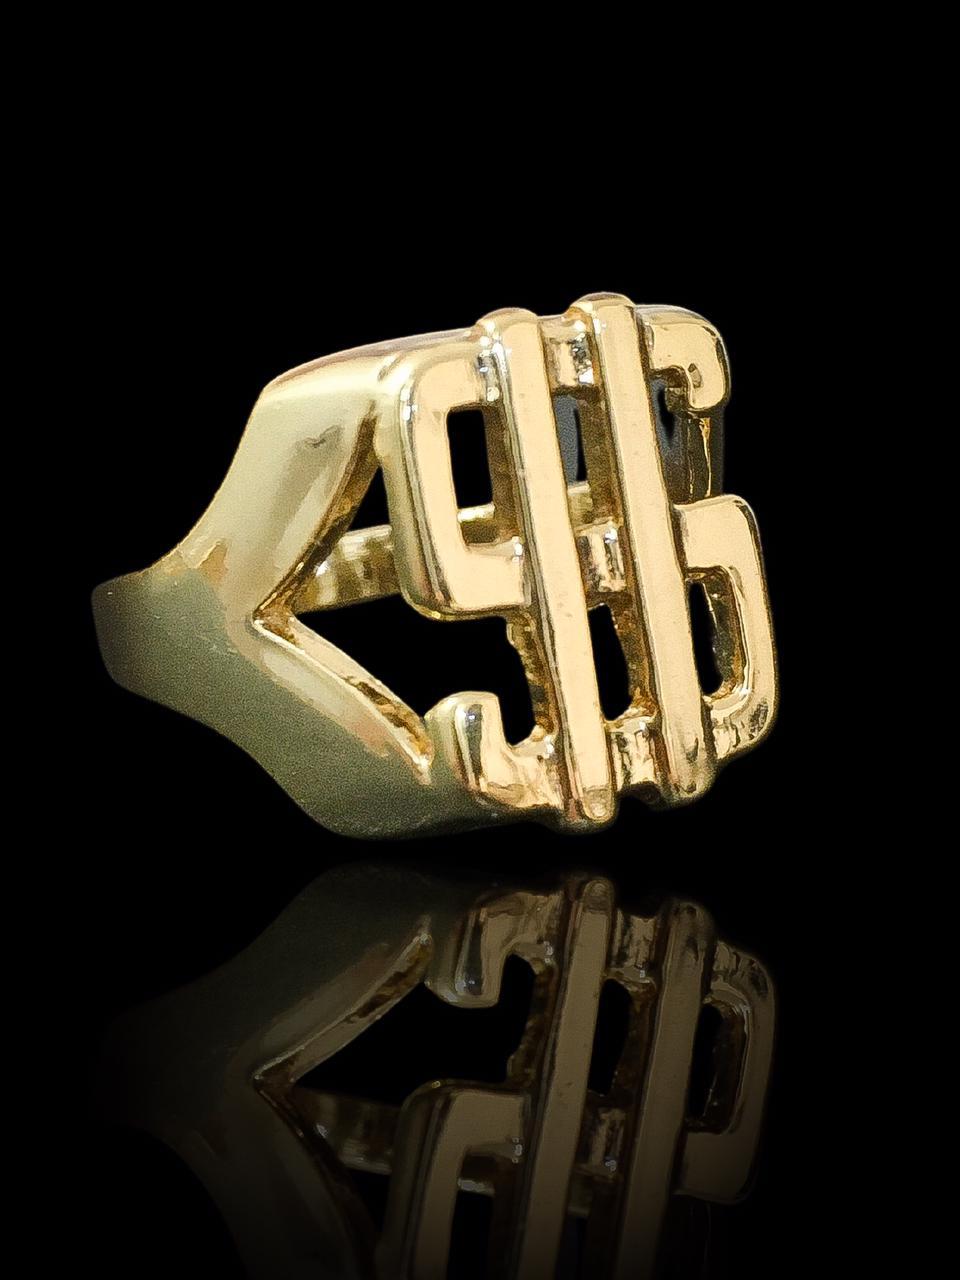 Anel masculino cifrão vazado  banhado a ouro 18K -  6 g (prazo de 7 dias para a fabricação  )